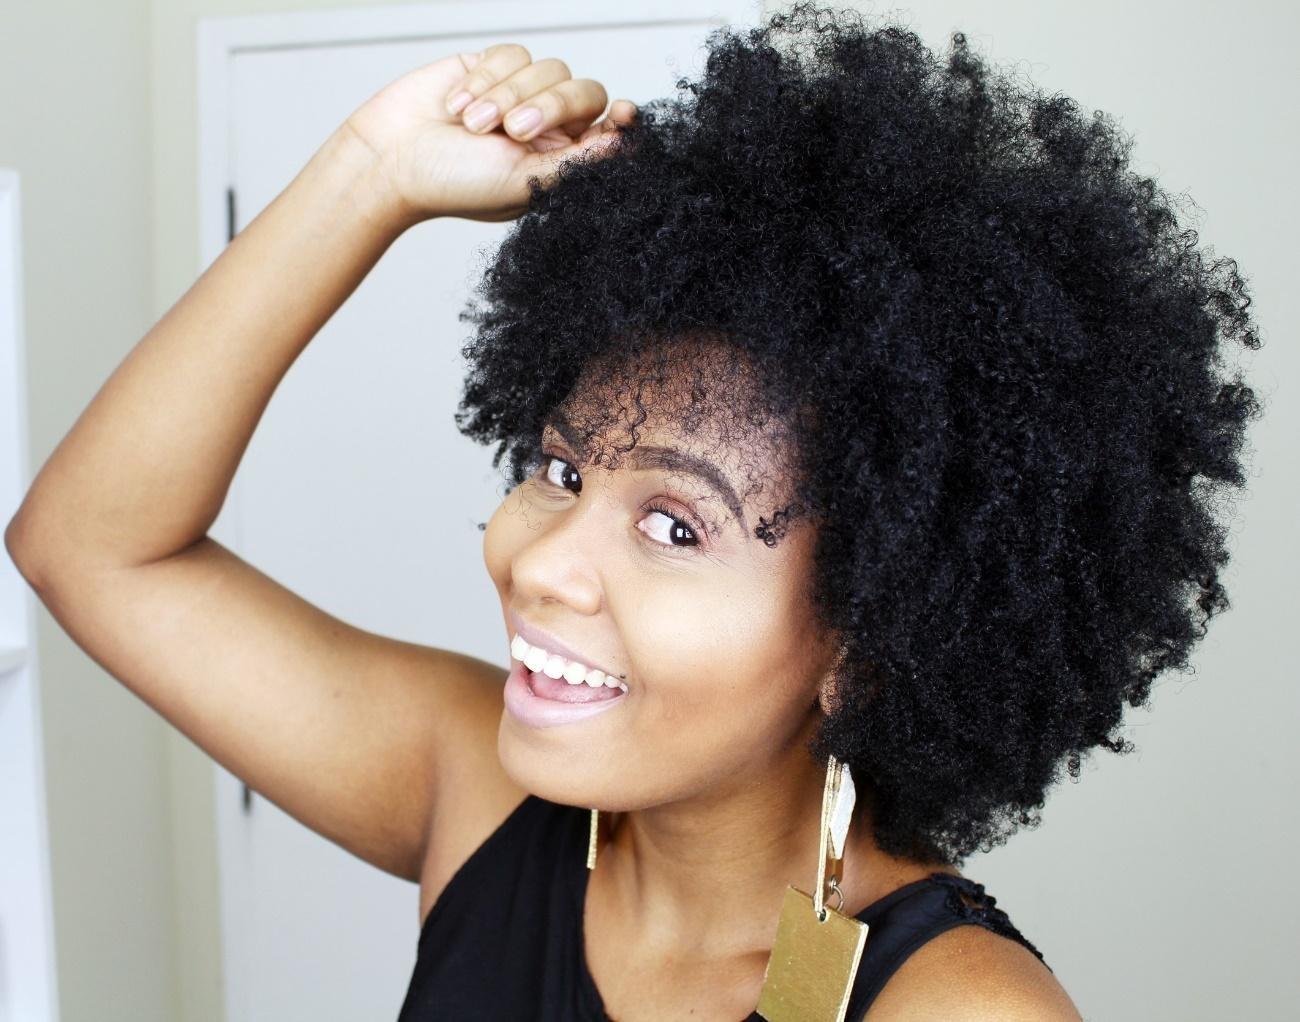 Fortaleça o seu cabelo com apenas dois ingredientes caseiros